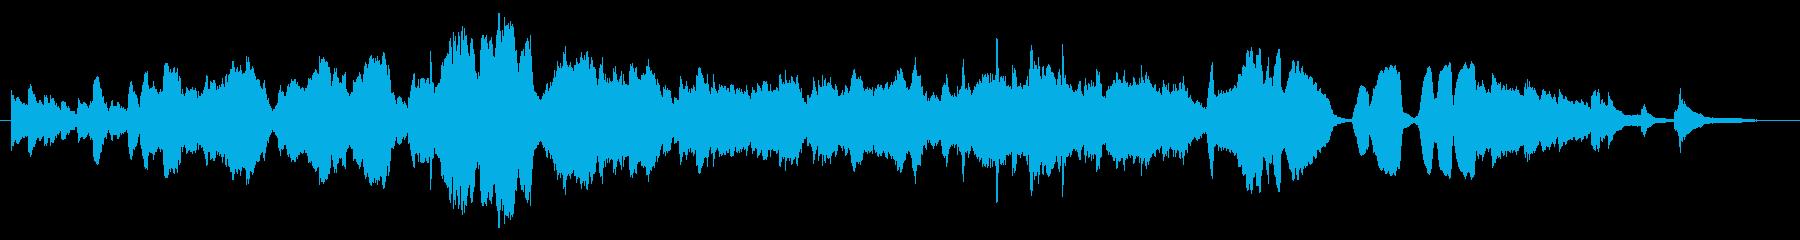 悲しい回想をしているシーン向けBGMの再生済みの波形